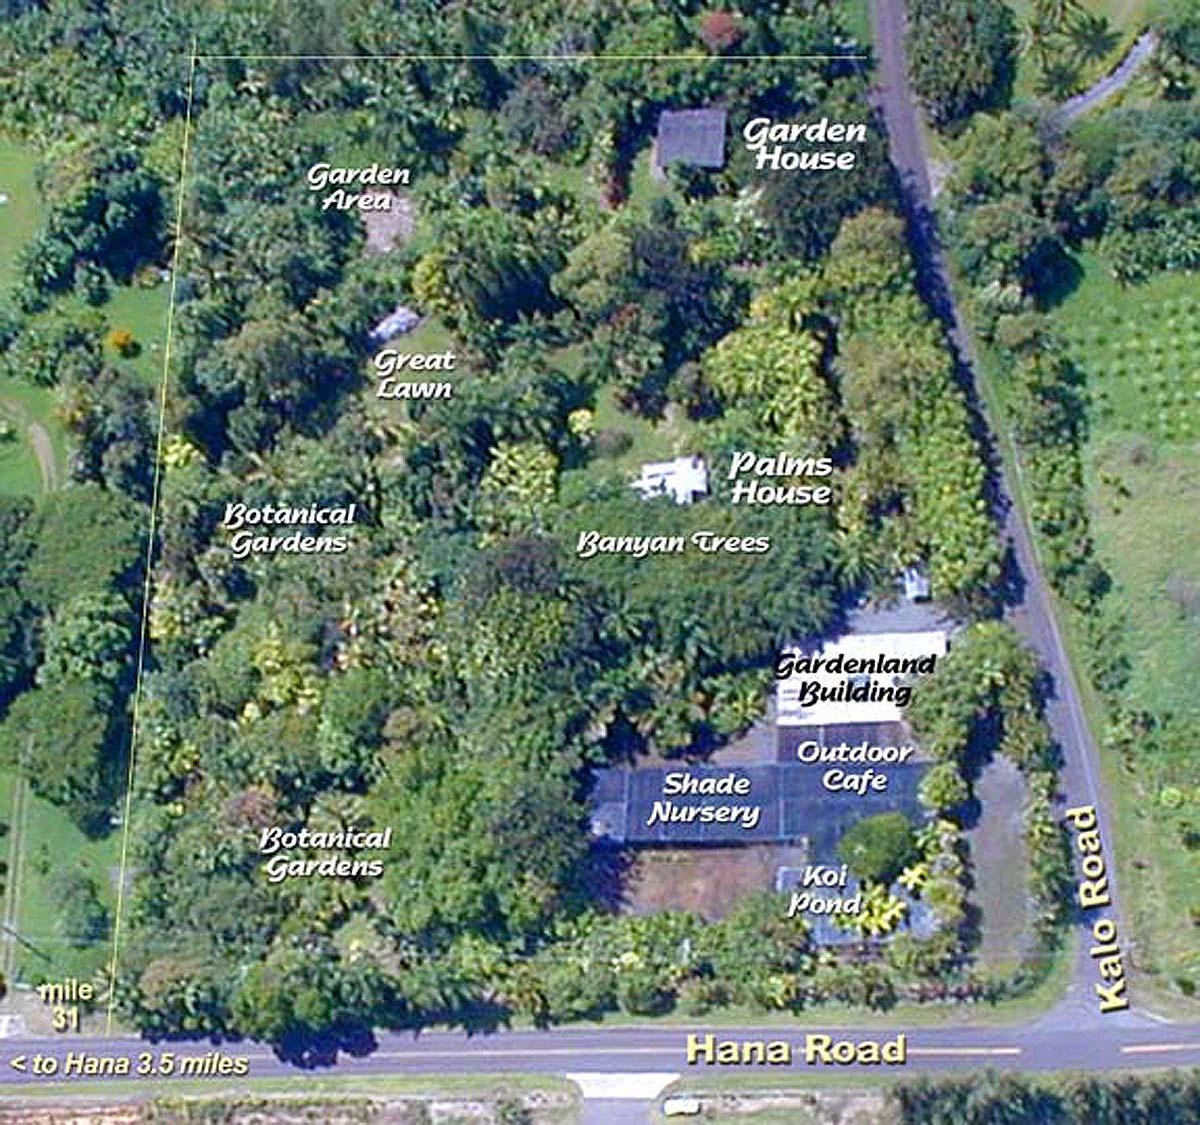 Hana Gardenland Aerial View